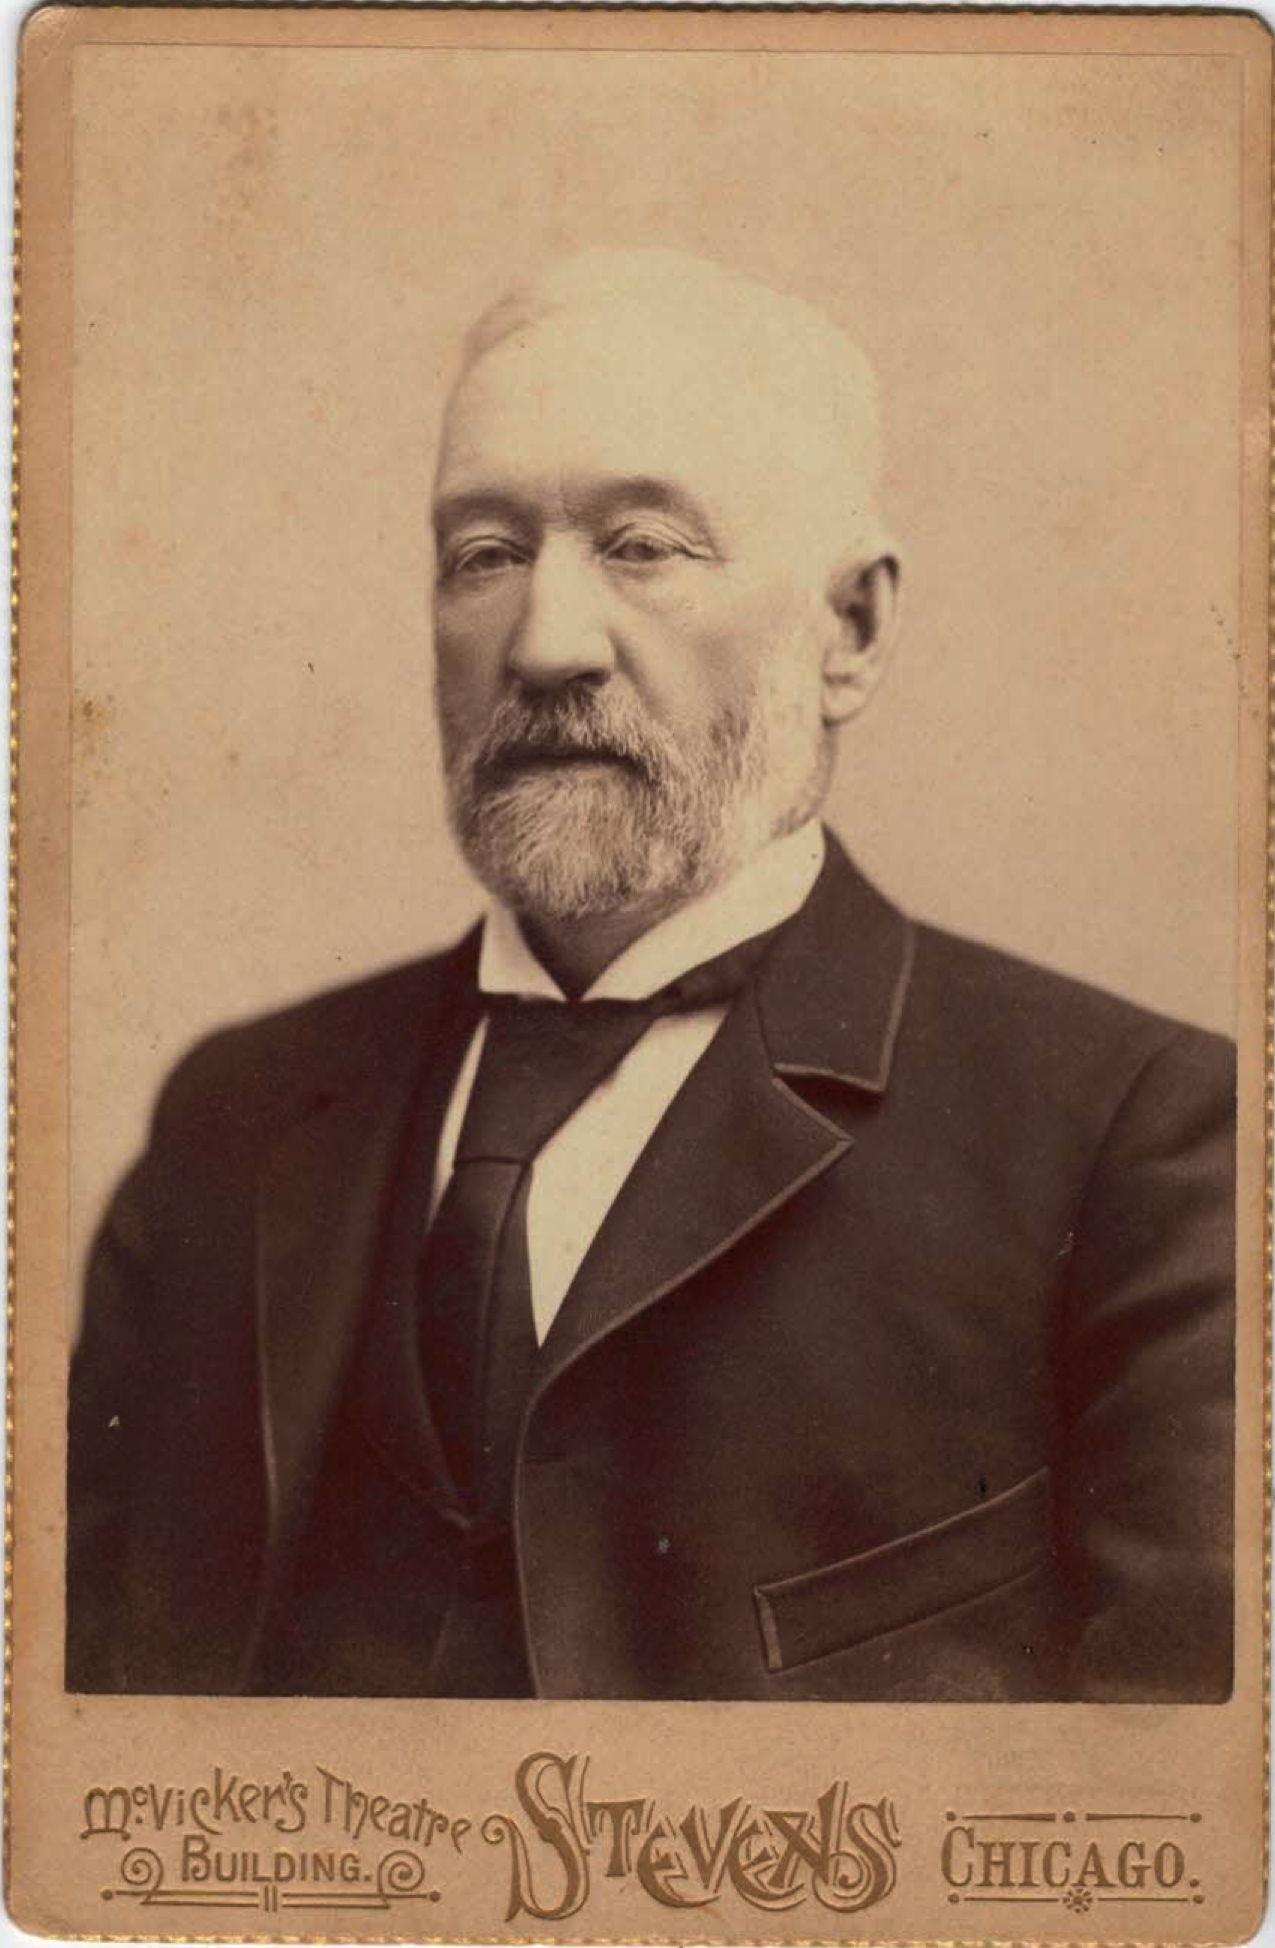 Lewis D. Carmichael